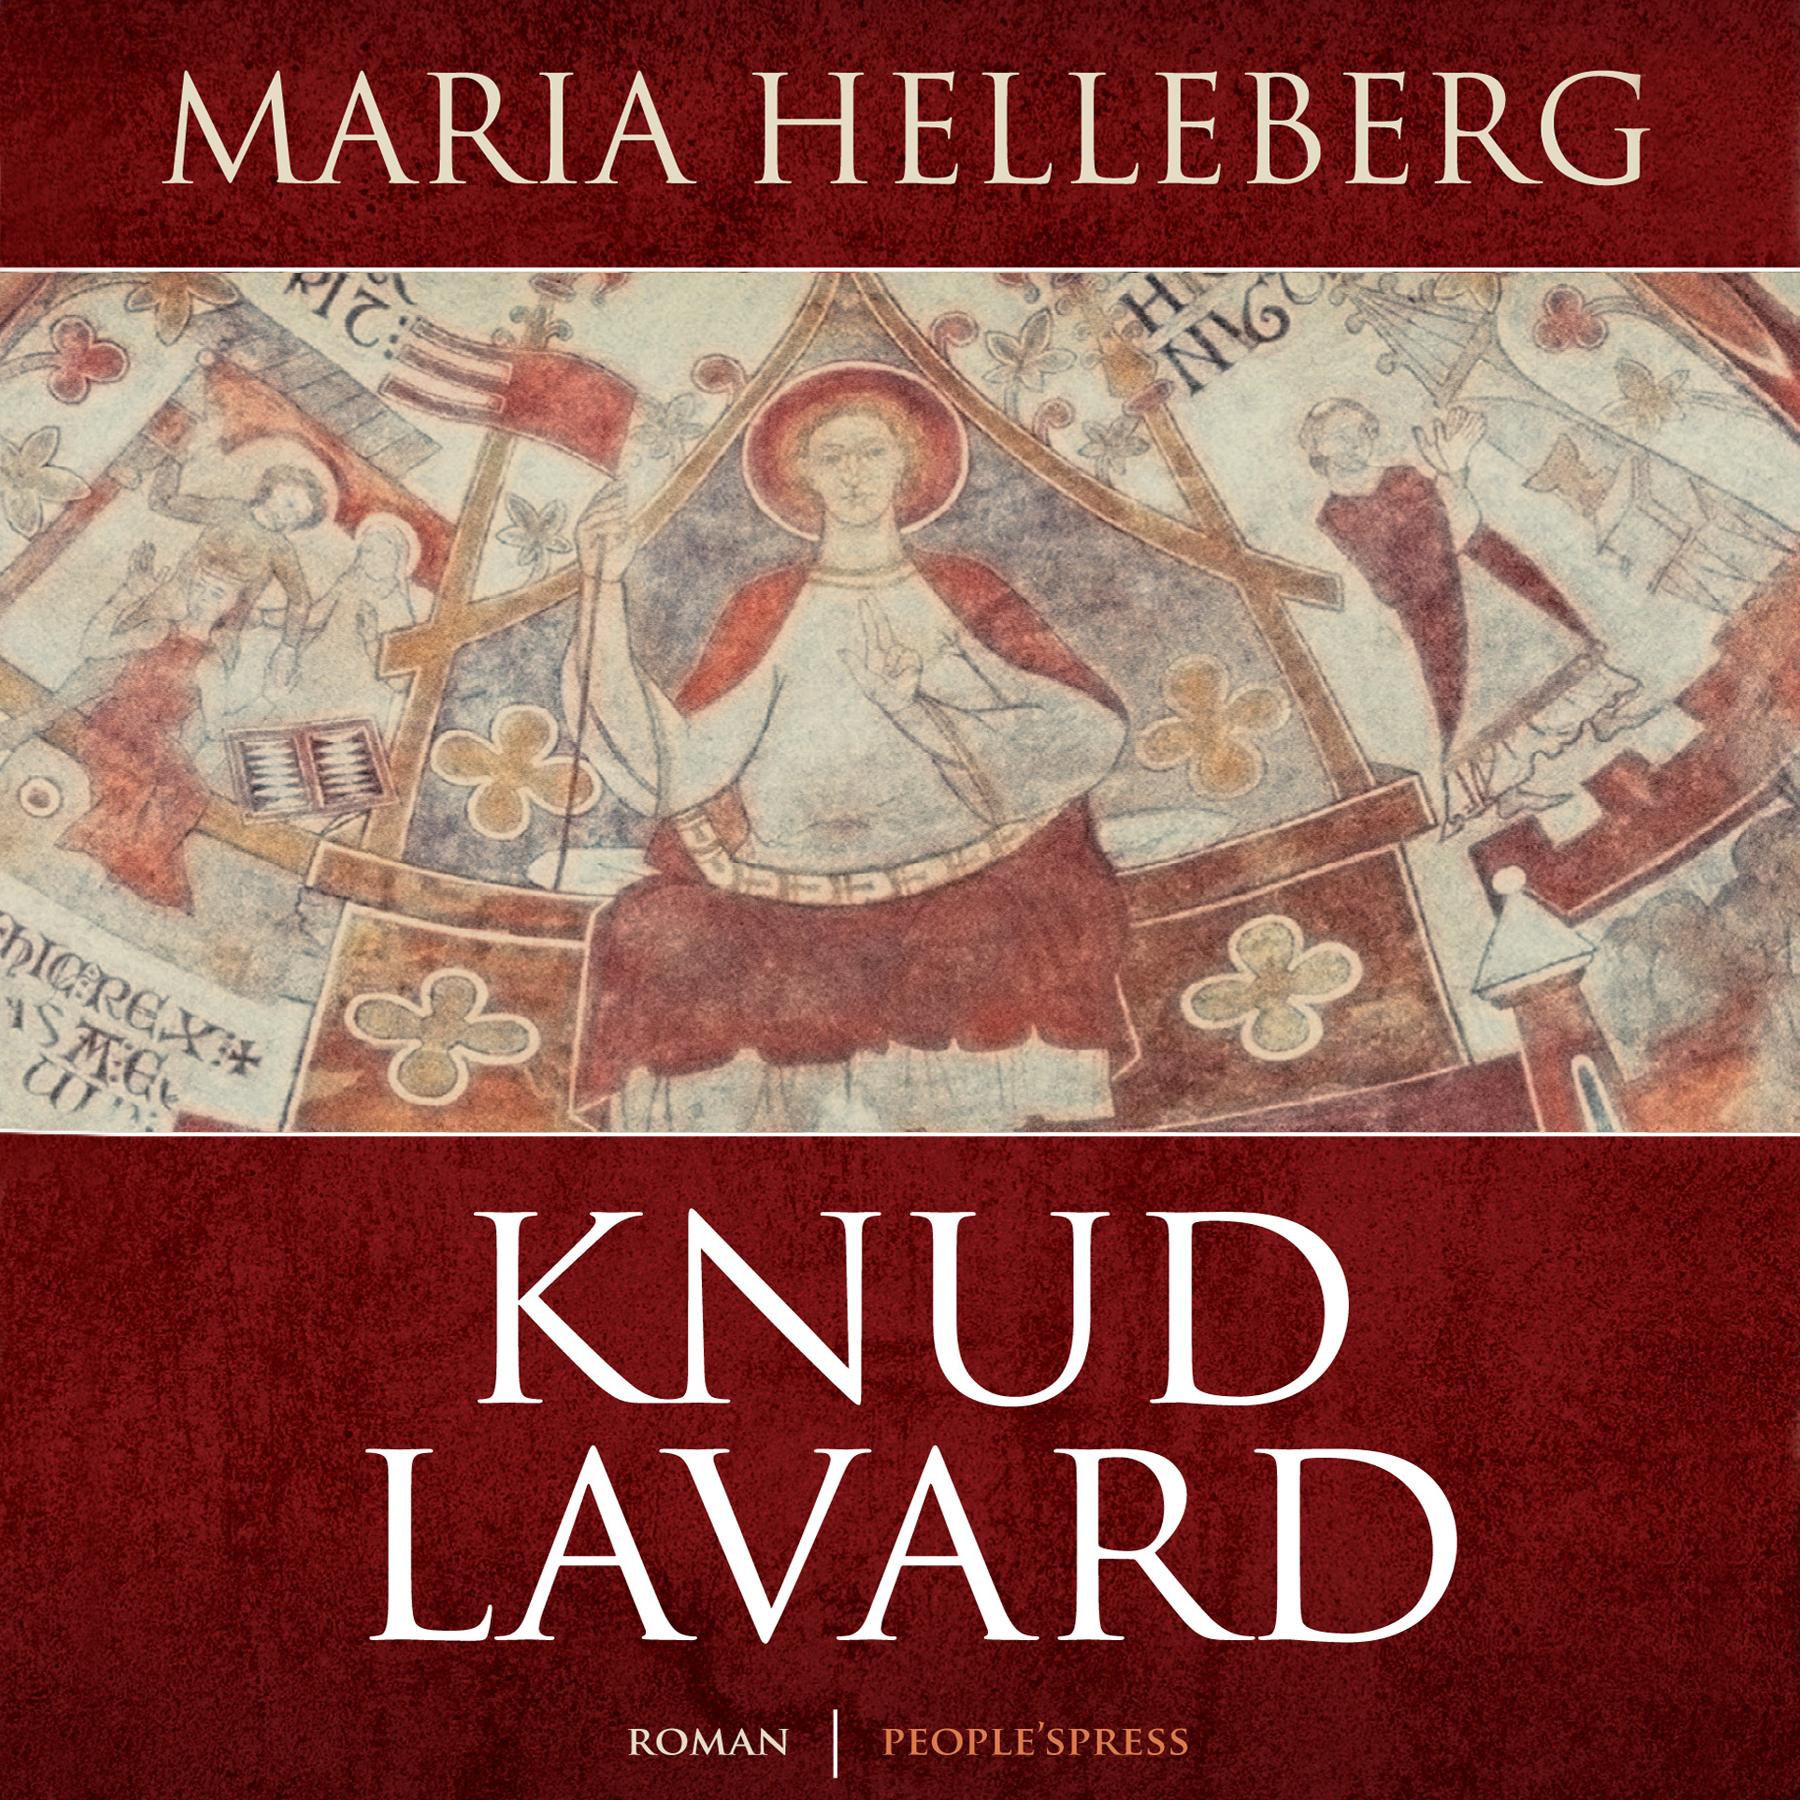 N/A – Knud lavard - e-lydbog fra bog & mystik